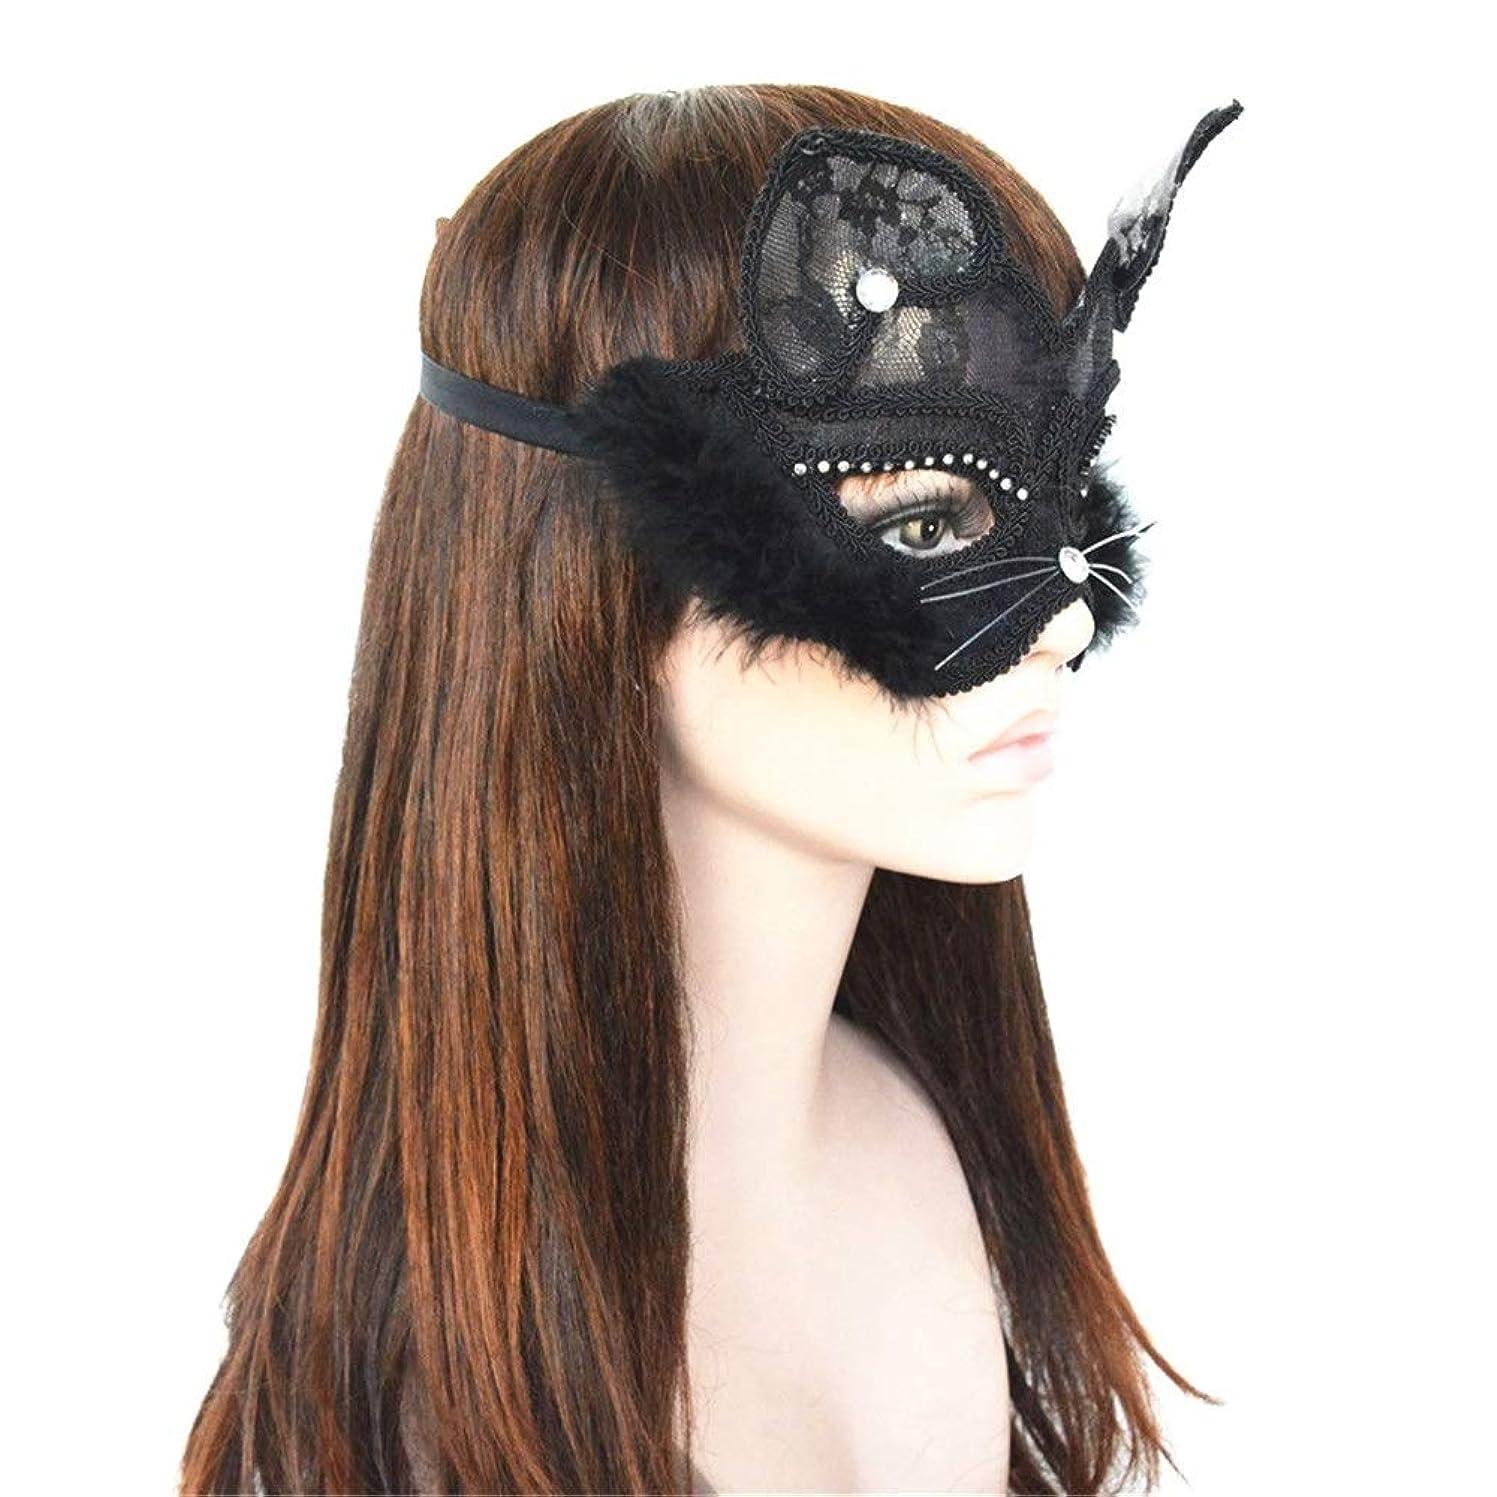 したがって規範遠近法ダンスマスク レース楽しい女性動物猫顔ポリ塩化ビニールハロウィンマスククリスマス製品コスプレナイトクラブパーティーマスク ホリデーパーティー用品 (色 : ブラック, サイズ : 19x15.5cm)